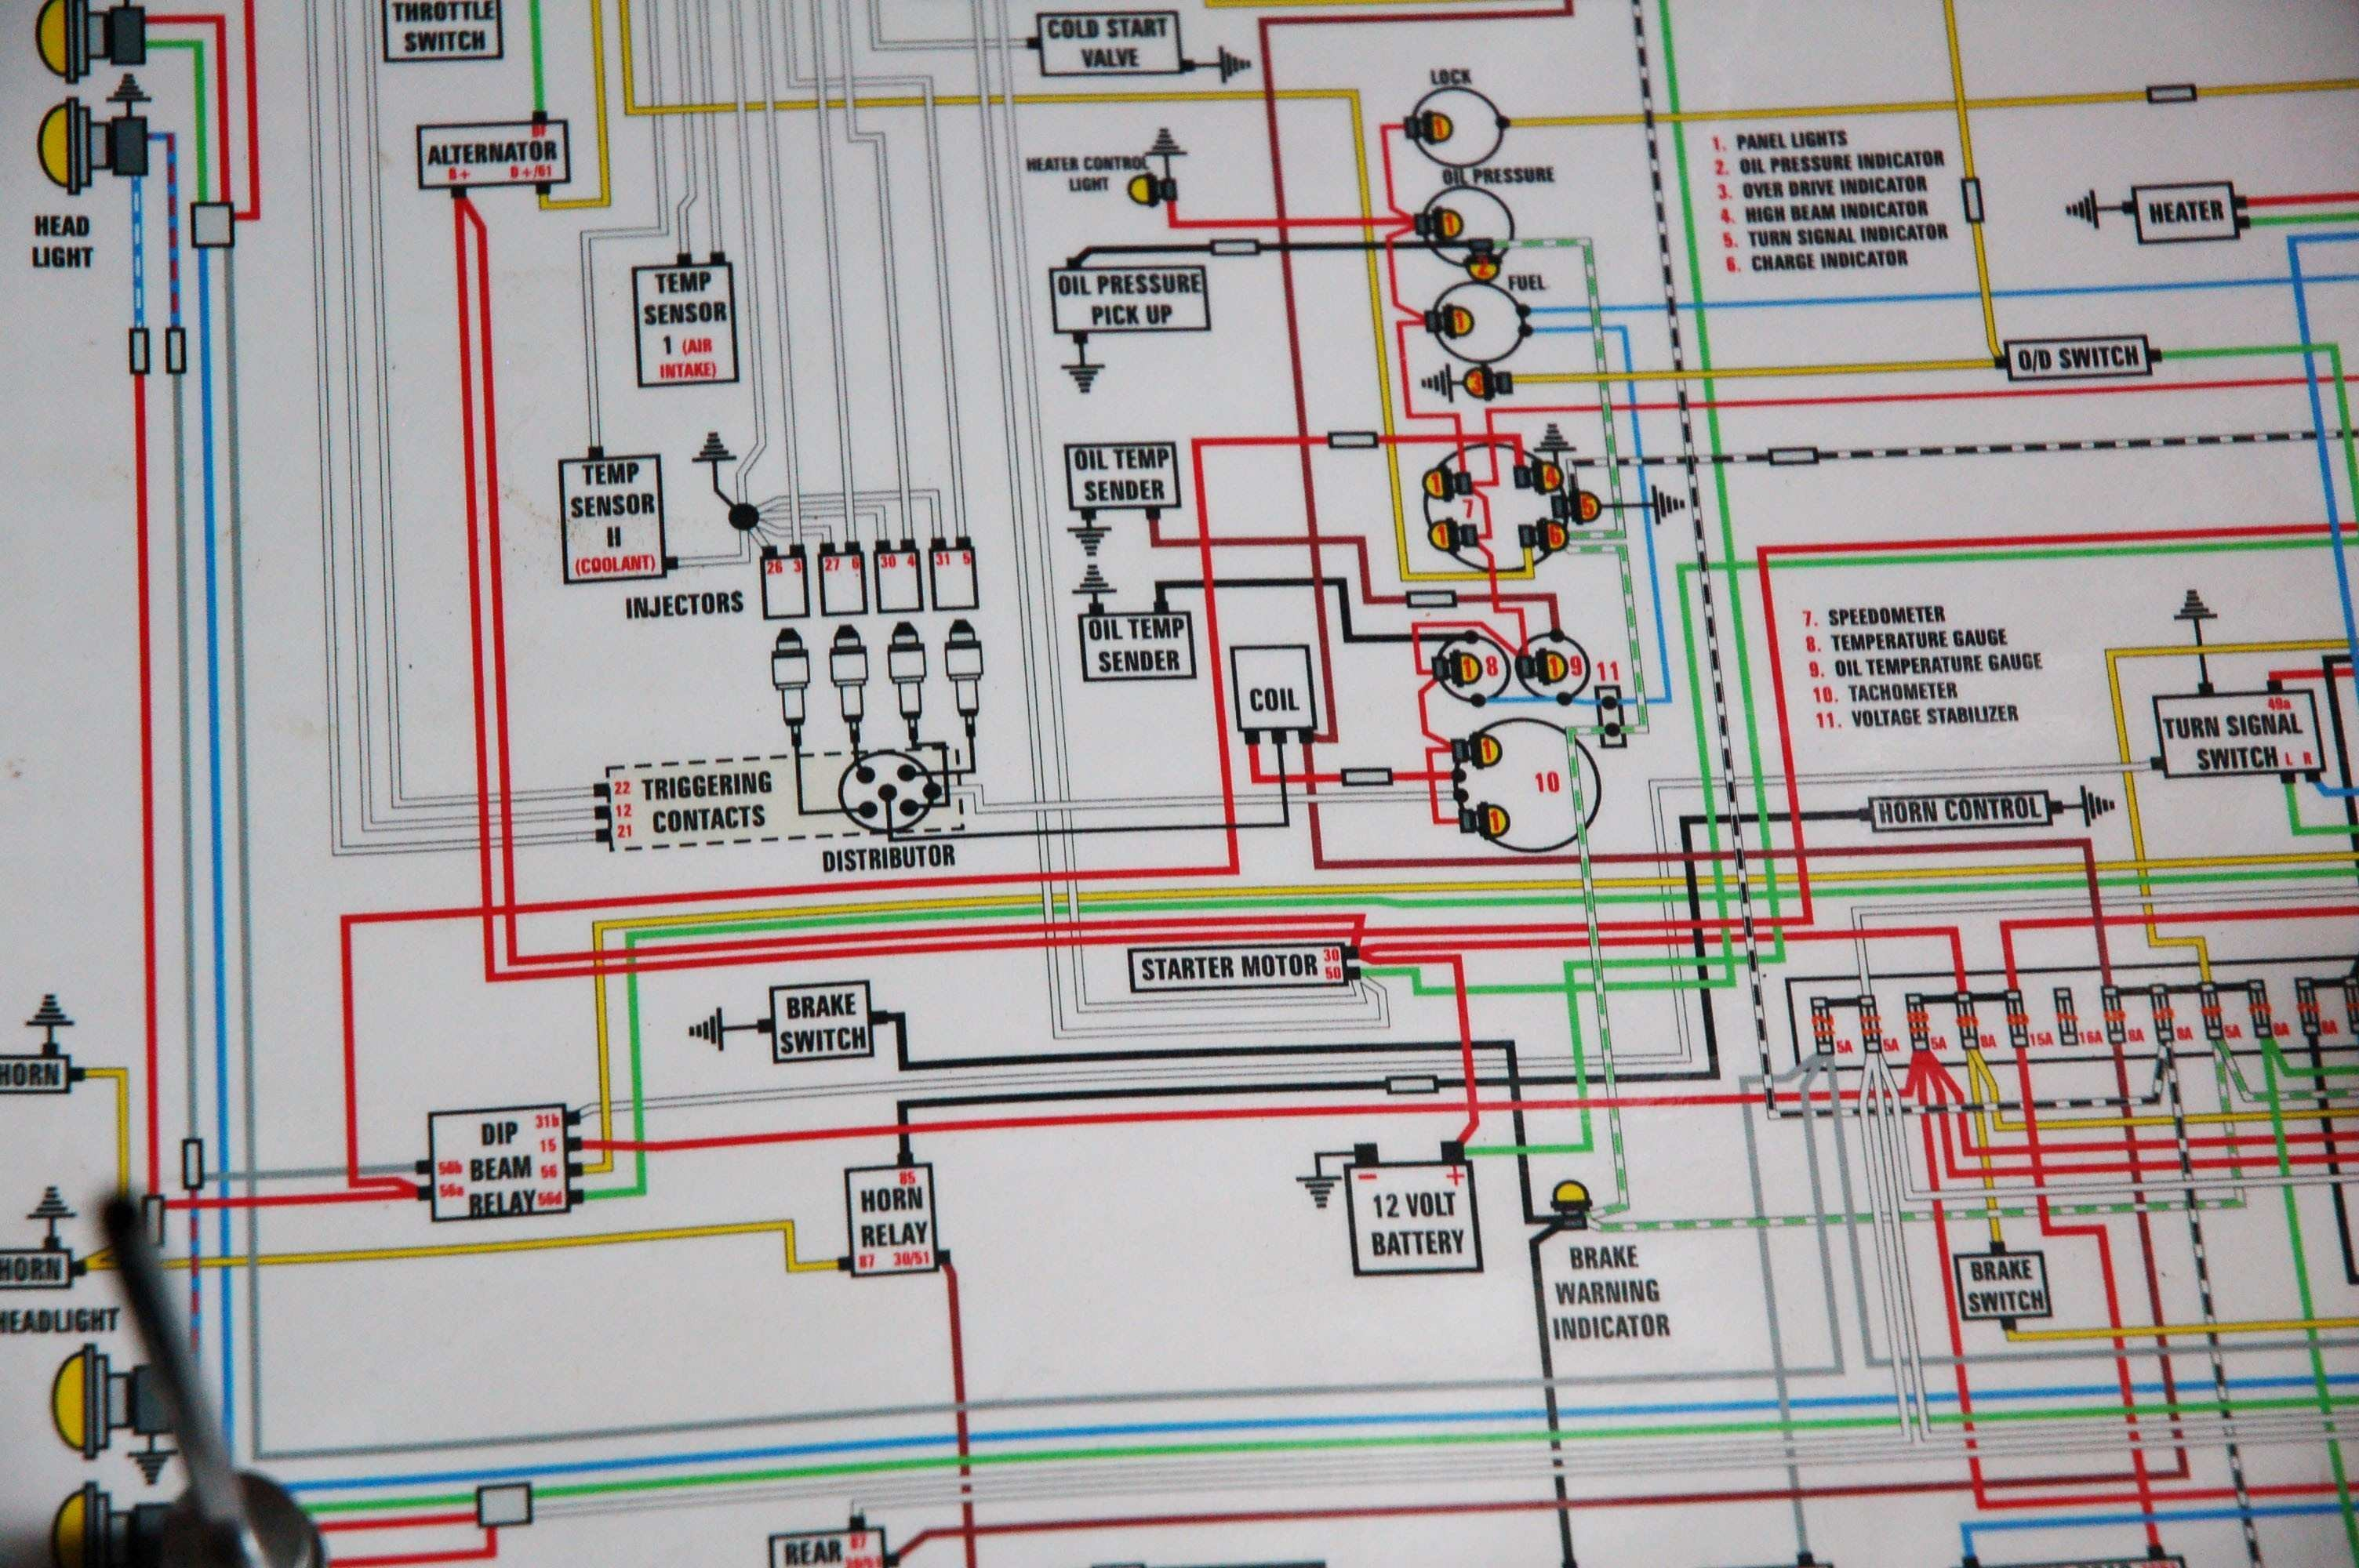 Fj40 Wiring Diagram Painless 2000 Suburban Stereo Wiring Diagram Air Bag Yenpancane Jeanjaures37 Fr